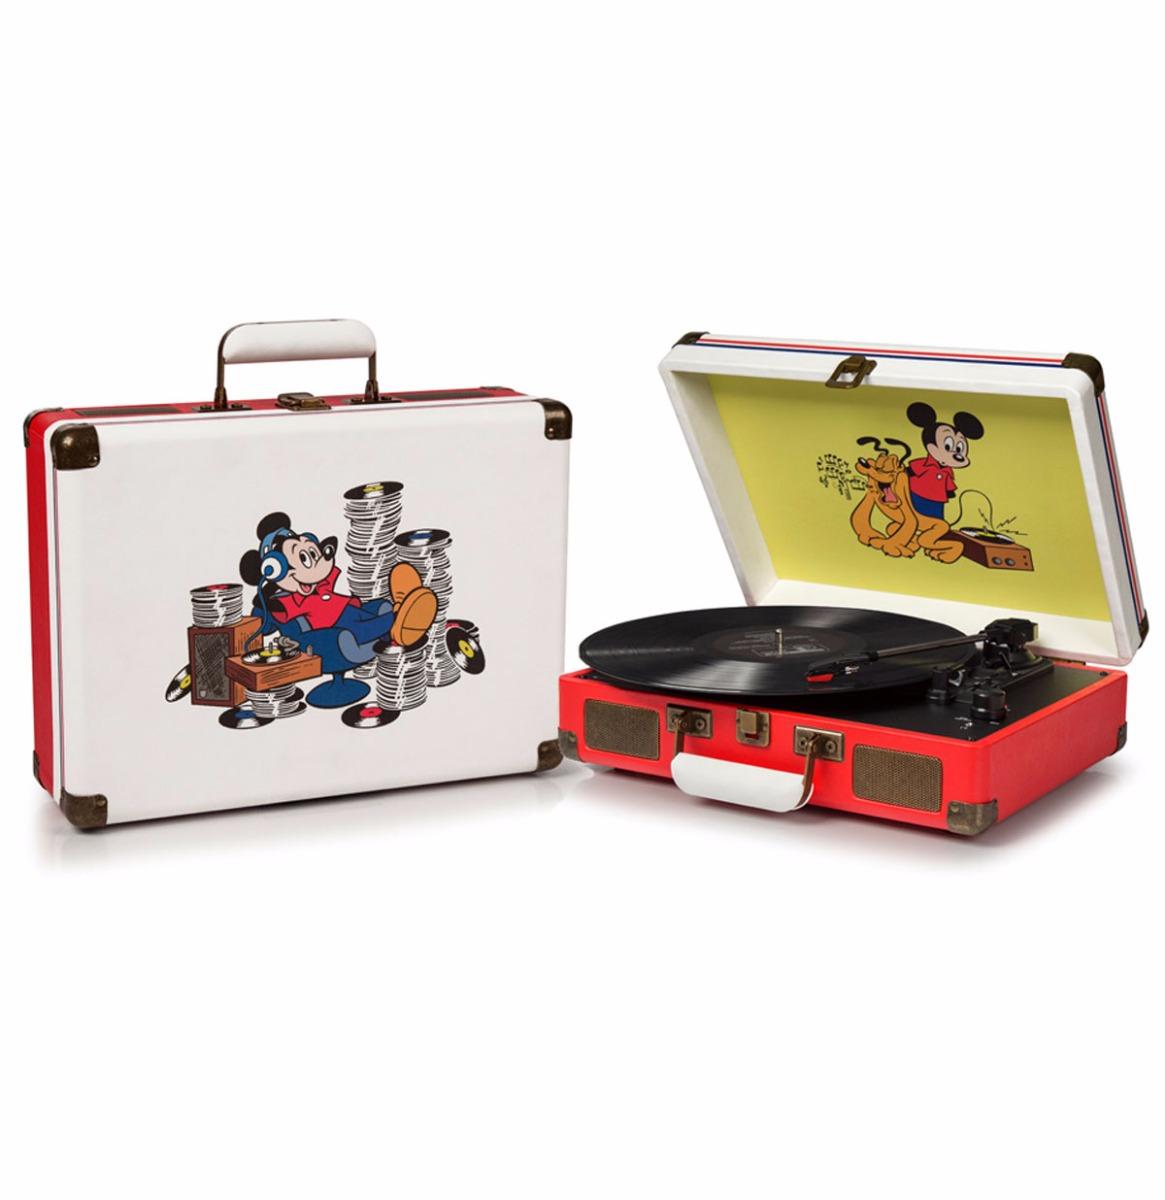 Disney Platenspeler Gelimiteerde Oplage - Record Store Day